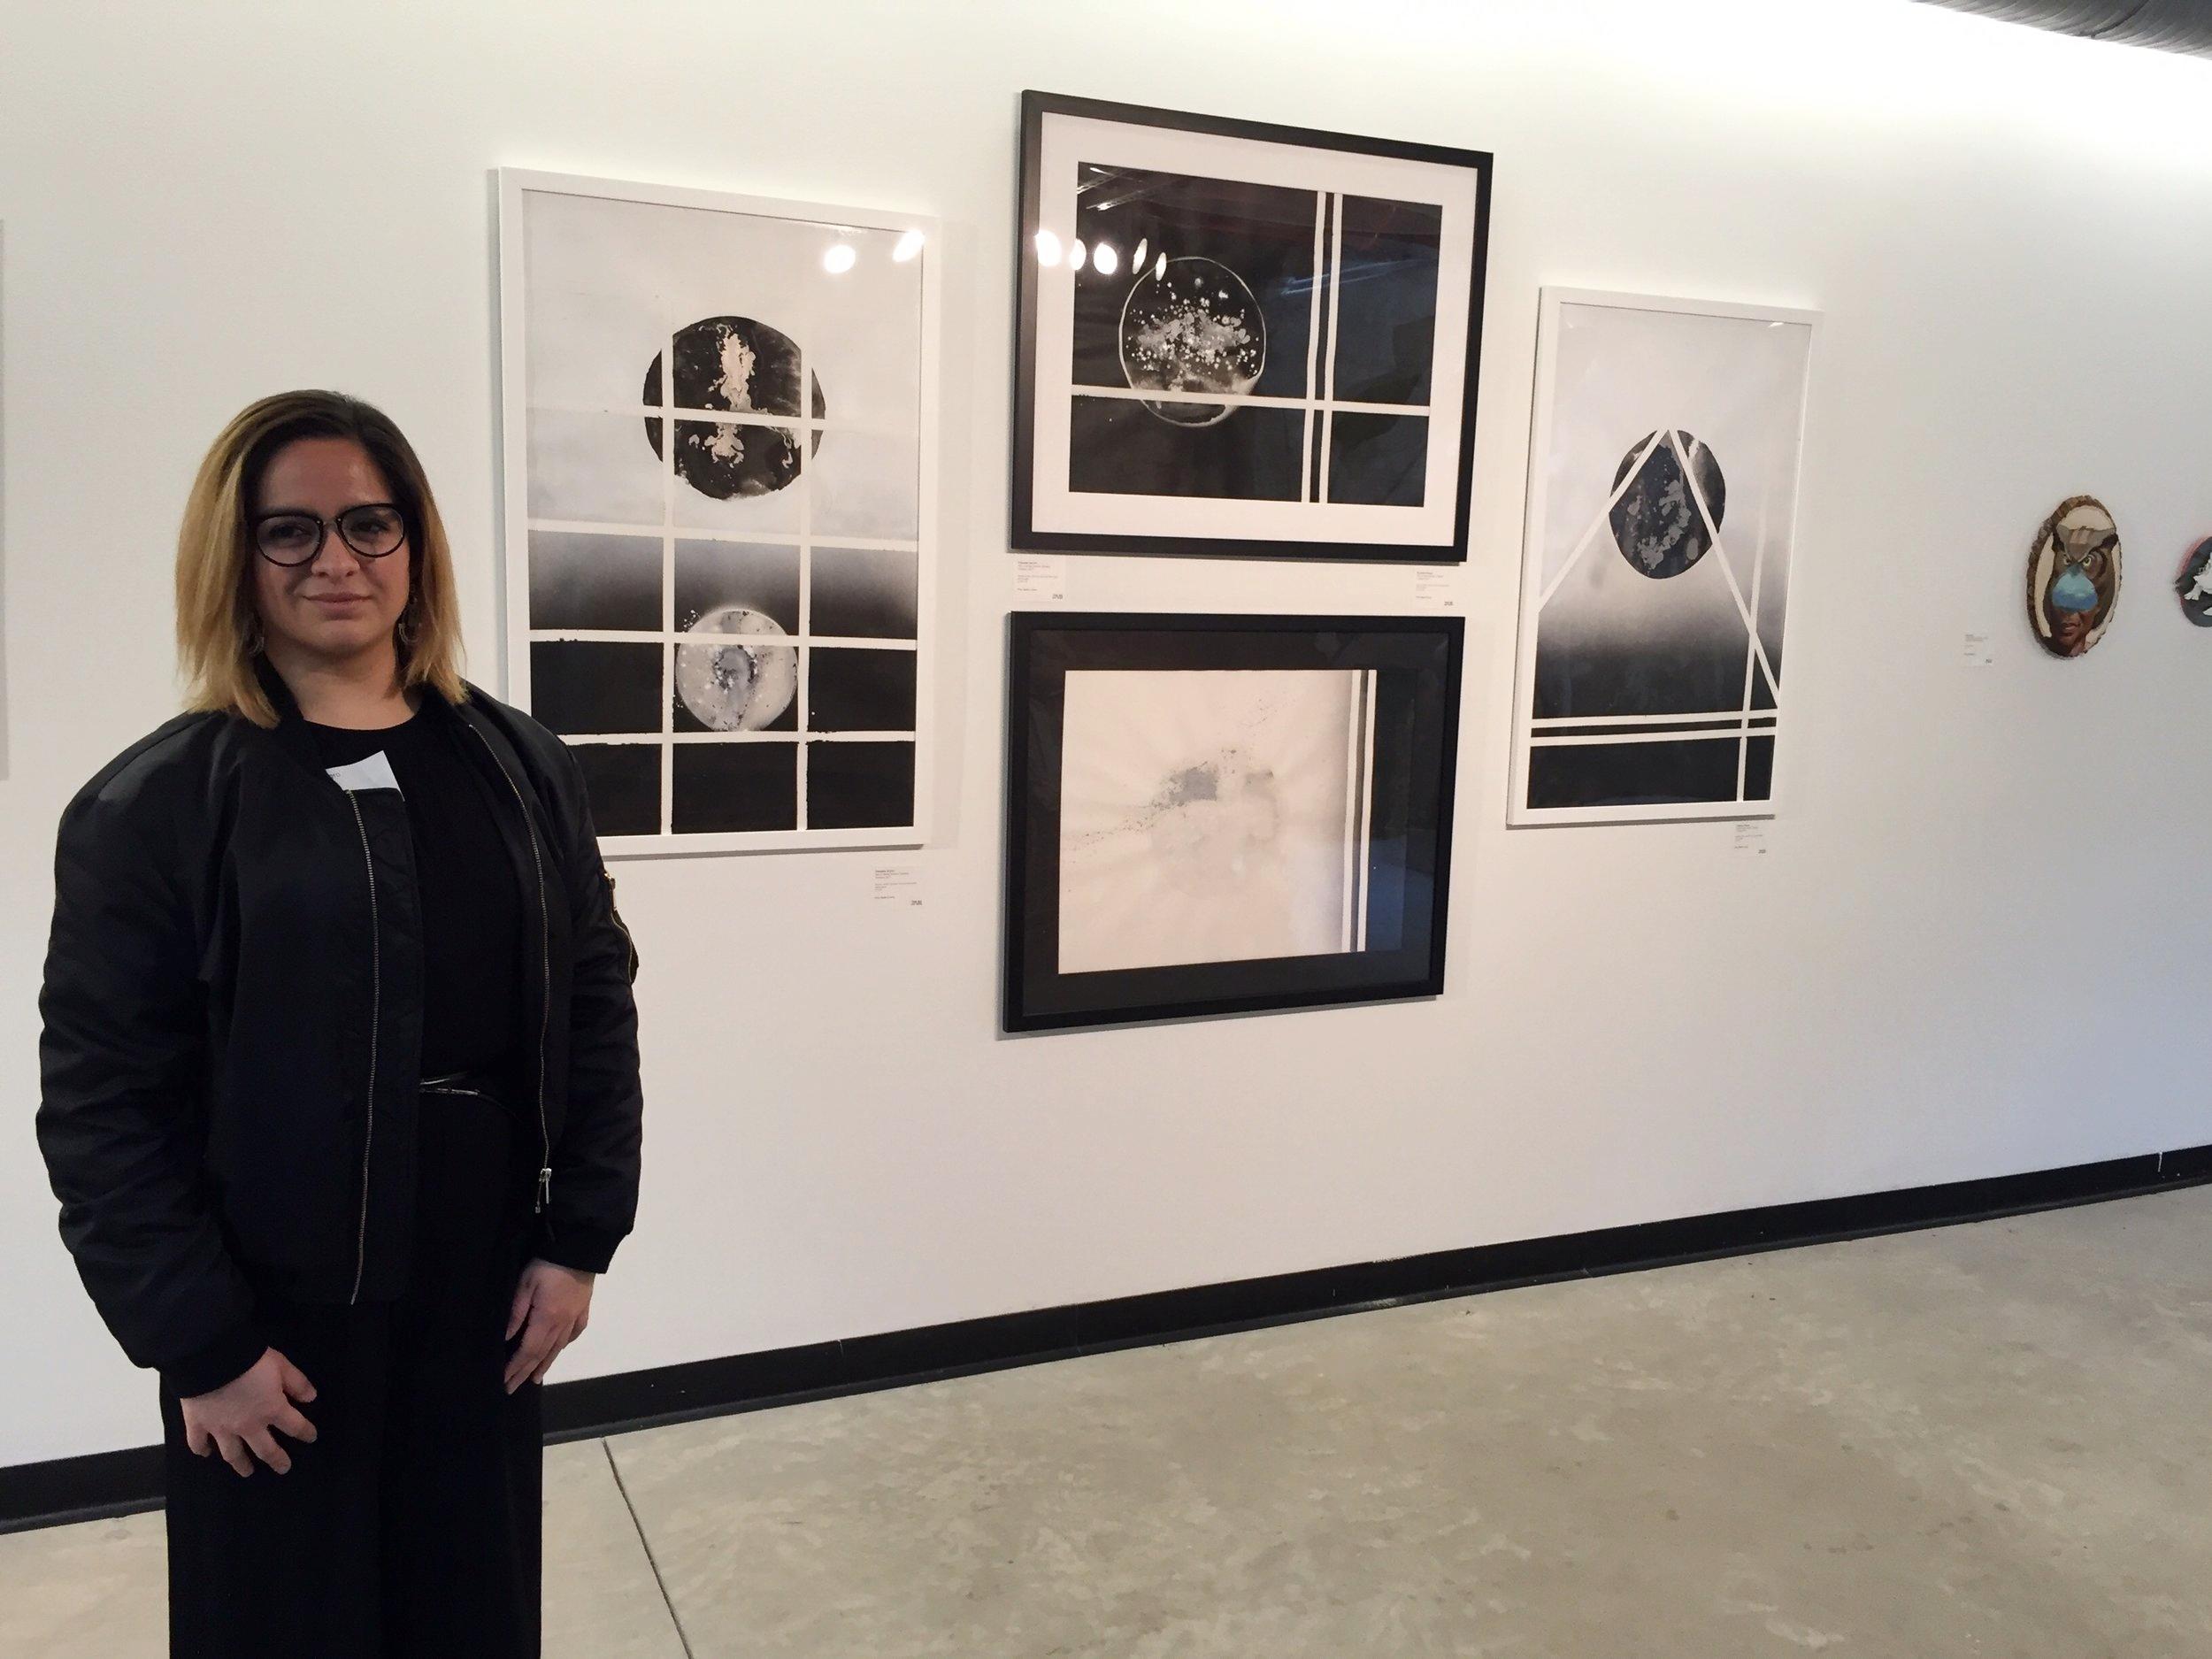 The Blot Shop Collective Art Show